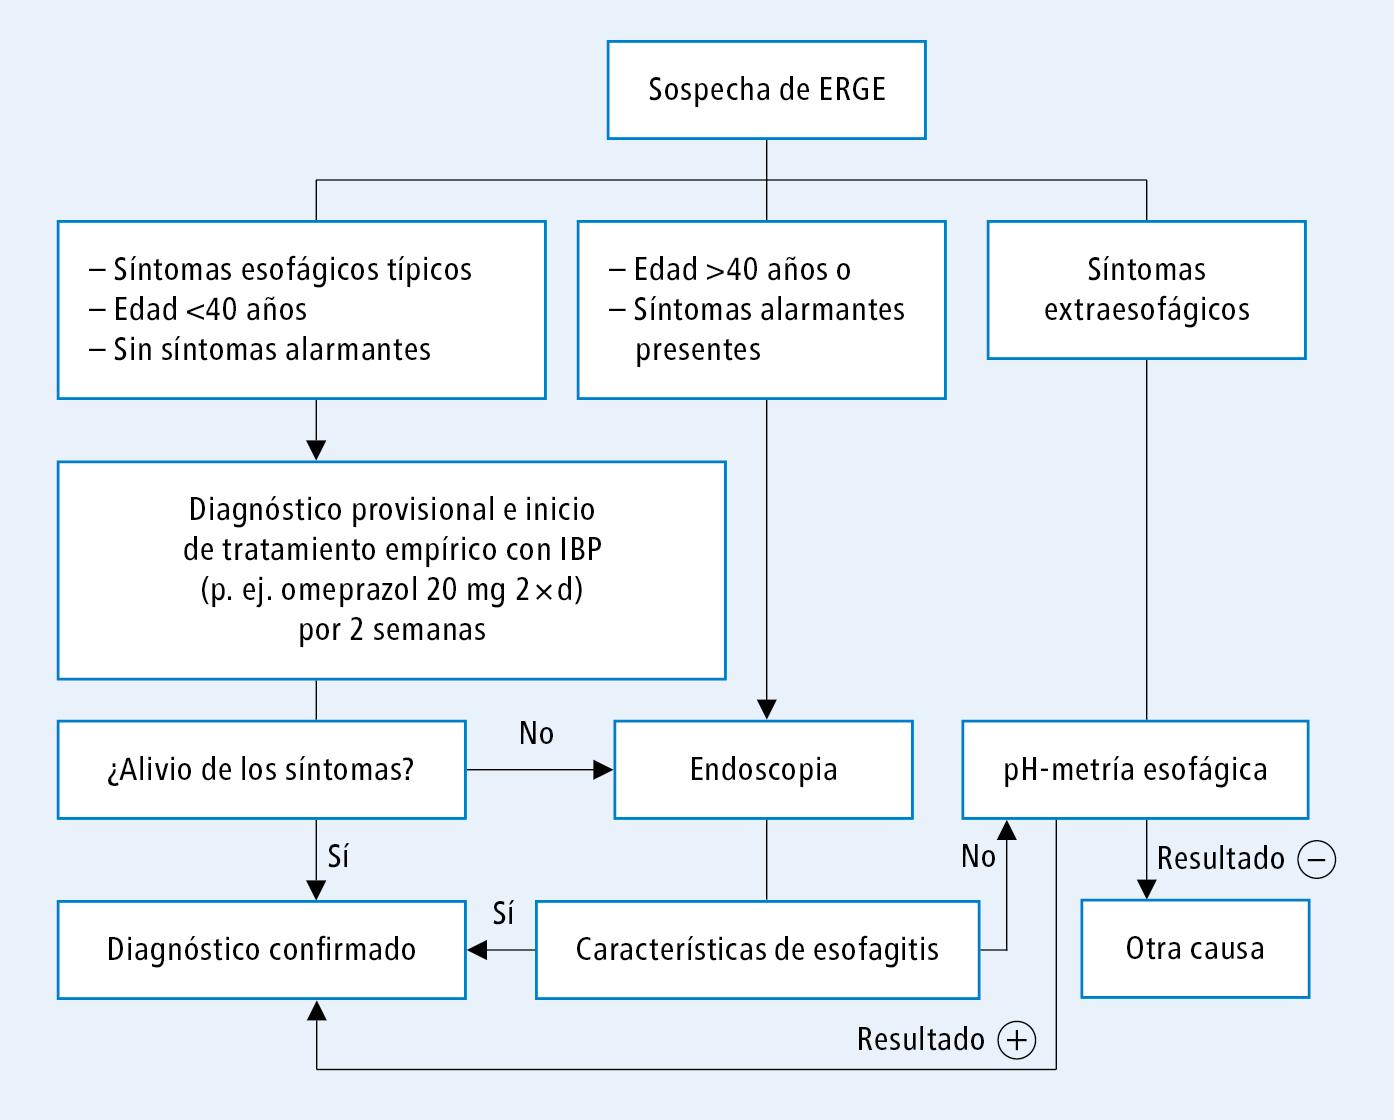 irritacion en la faringe por reflujo gastroesofagico